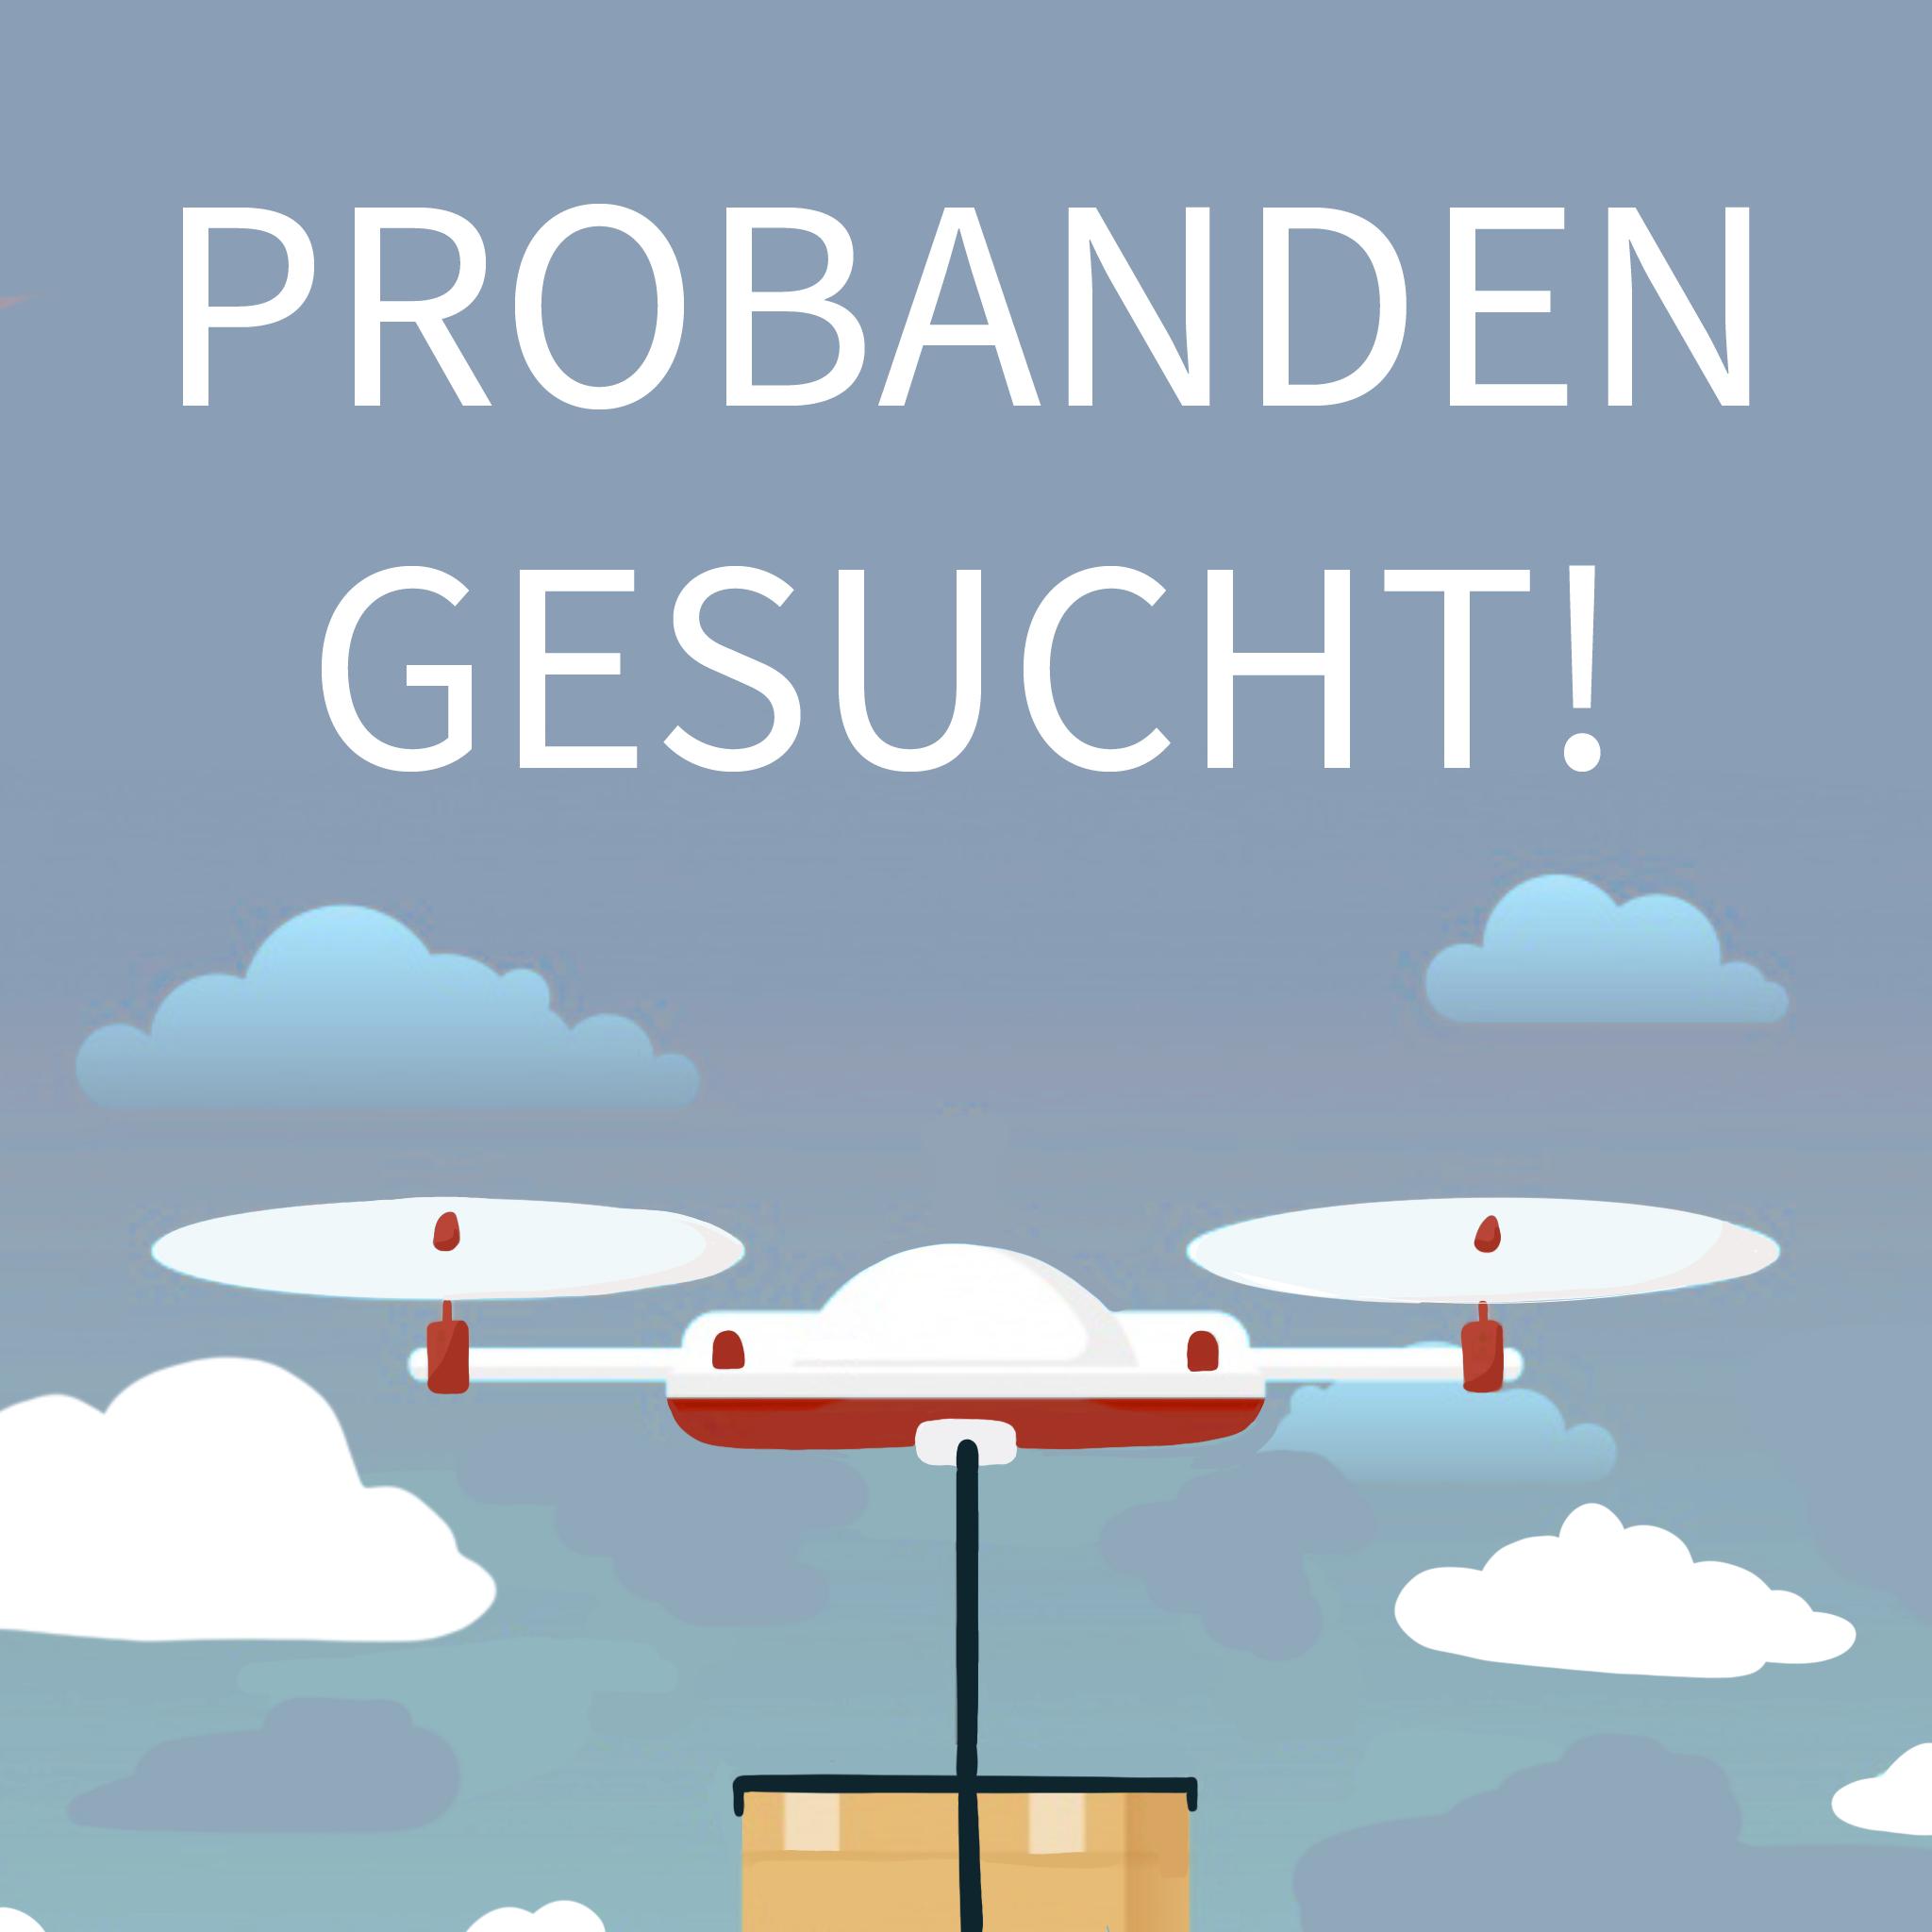 probanden gesucht 002 © Rico Havlik, Hochschule Anhalt